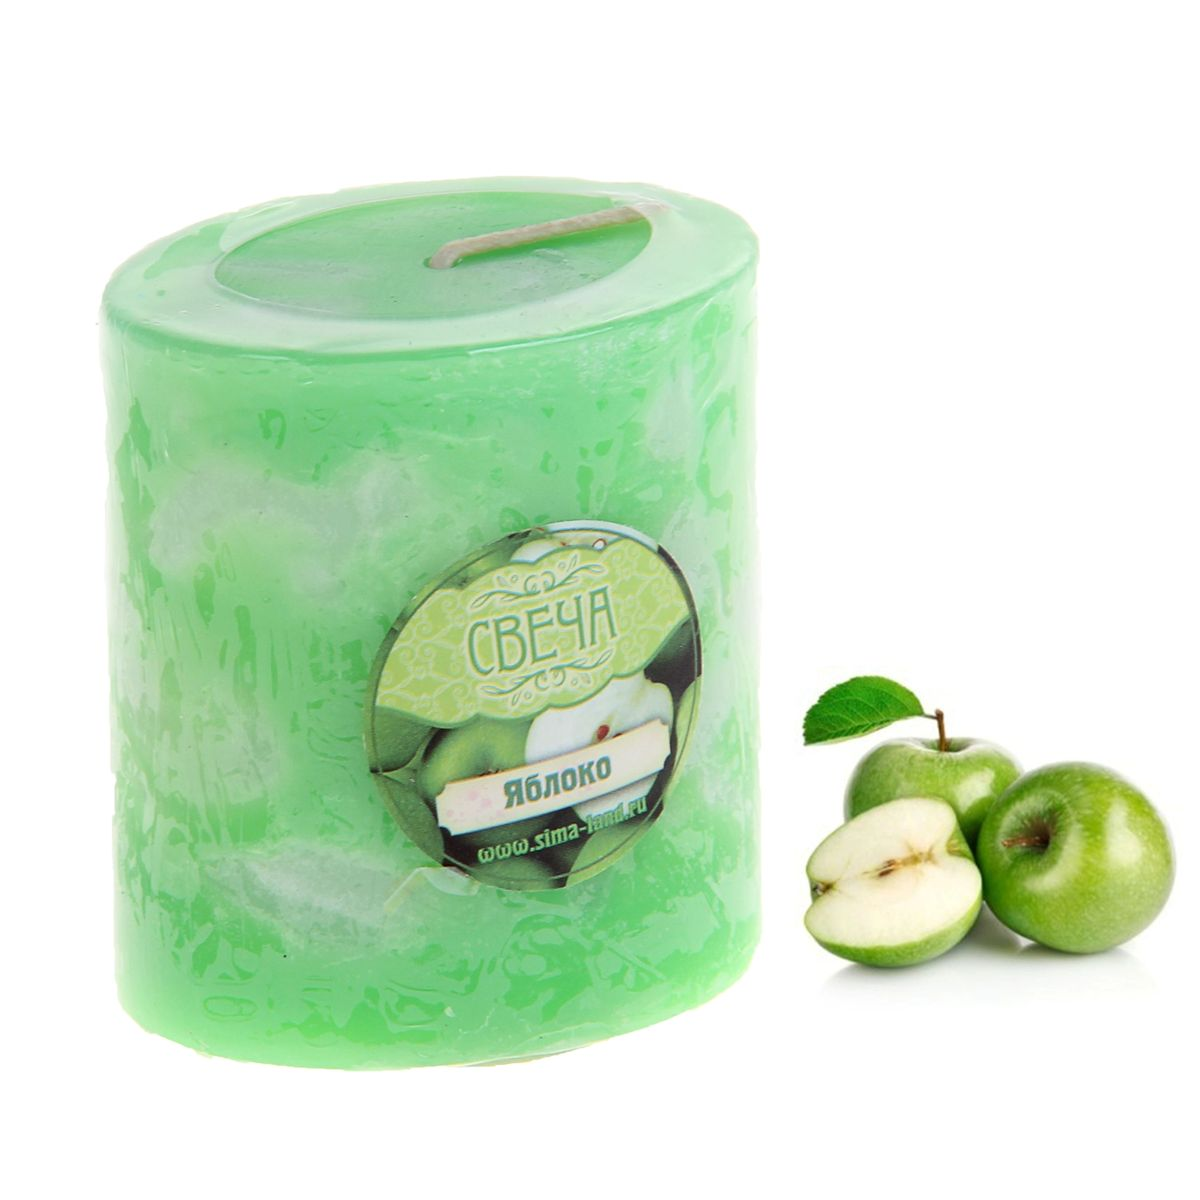 Свеча ароматизированная Sima-land Слияние, с ароматом яблока, цвет: зеленый, белый, высота 7 см849626Ароматизированная свеча Sima-land Слияние изготовлена из воска. Изделие отличается оригинальным дизайном и приятным ароматом яблока.Свеча Sima-land Слияние - это прекрасный выбор для тех, кто хочет сделать запоминающийся презент родным и близким. Она поможет создать атмосферу праздника. Такой подарок запомнится надолго.